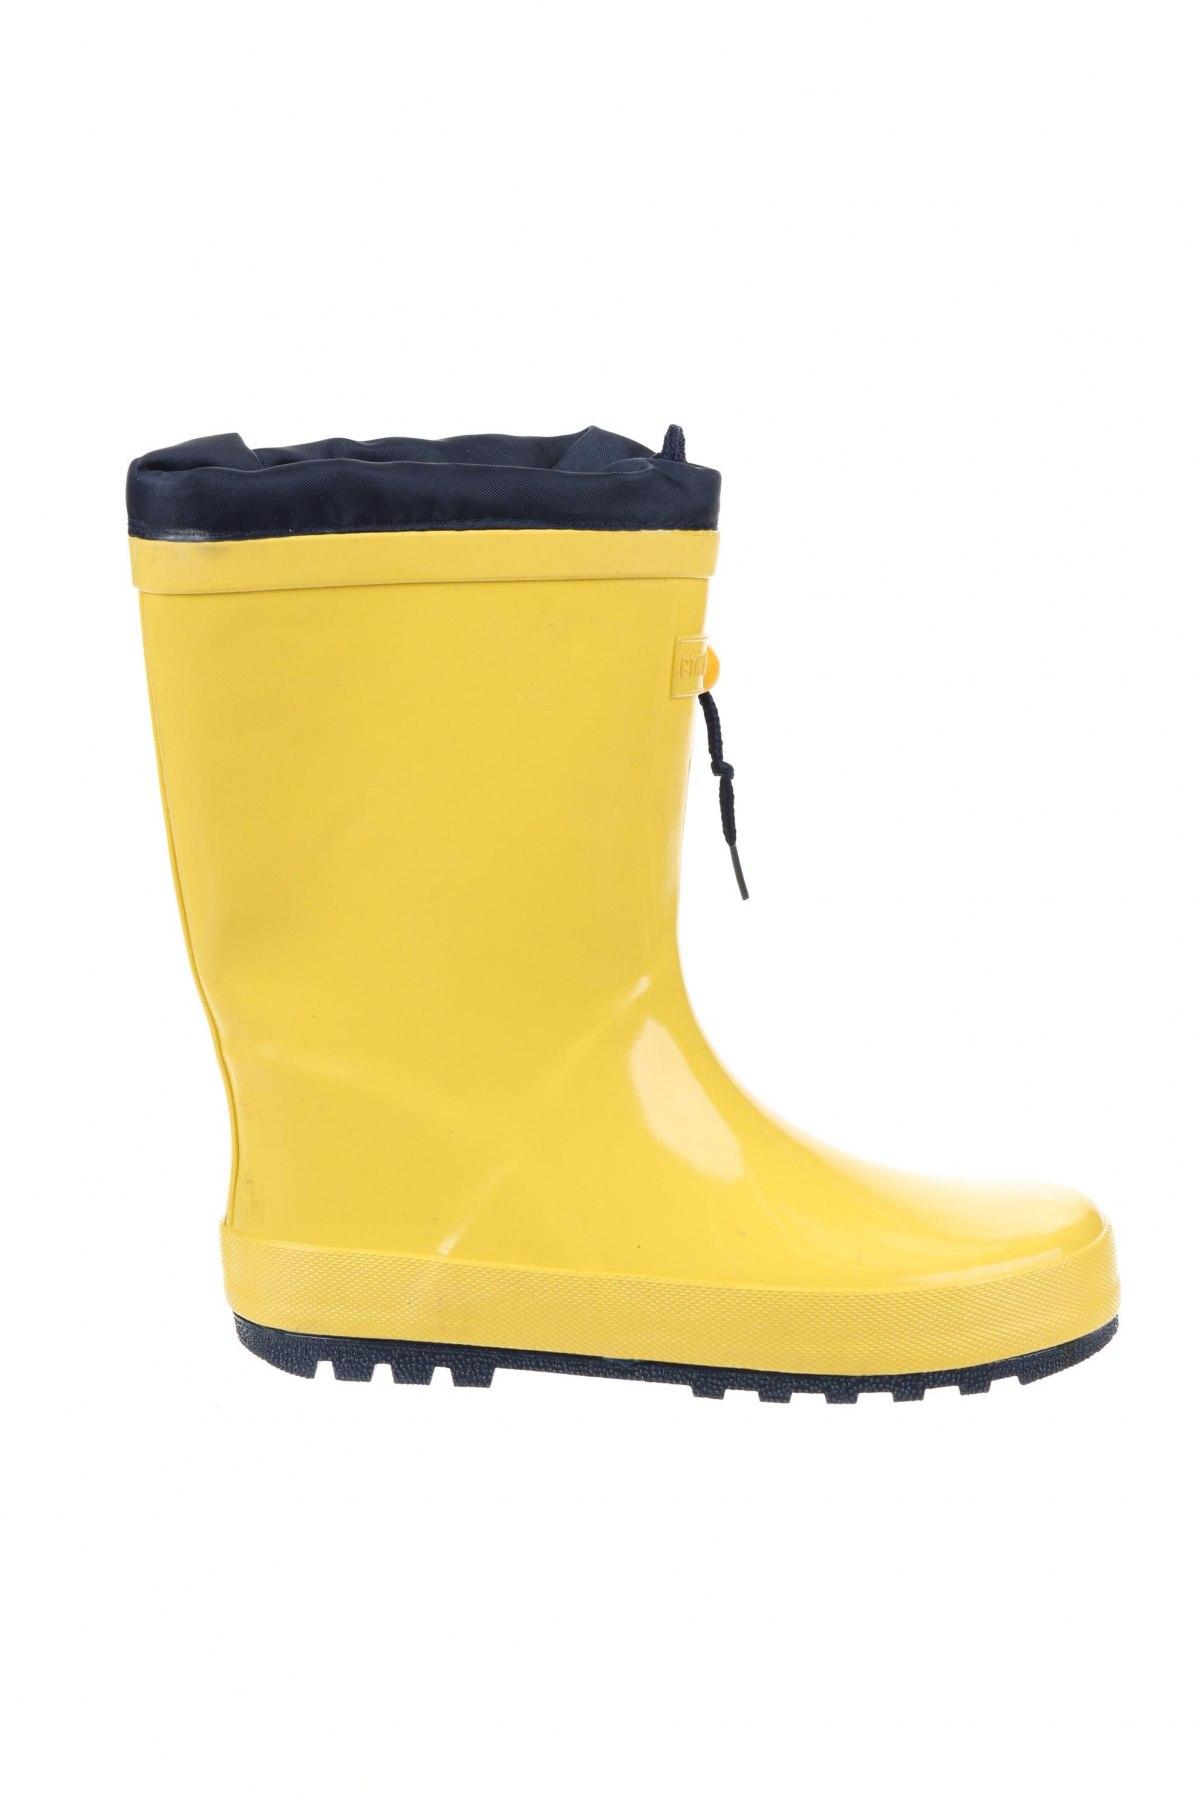 Детски обувки Cotton On, Размер 33, Цвят Жълт, Полиуретан, текстил, Цена 51,00лв.